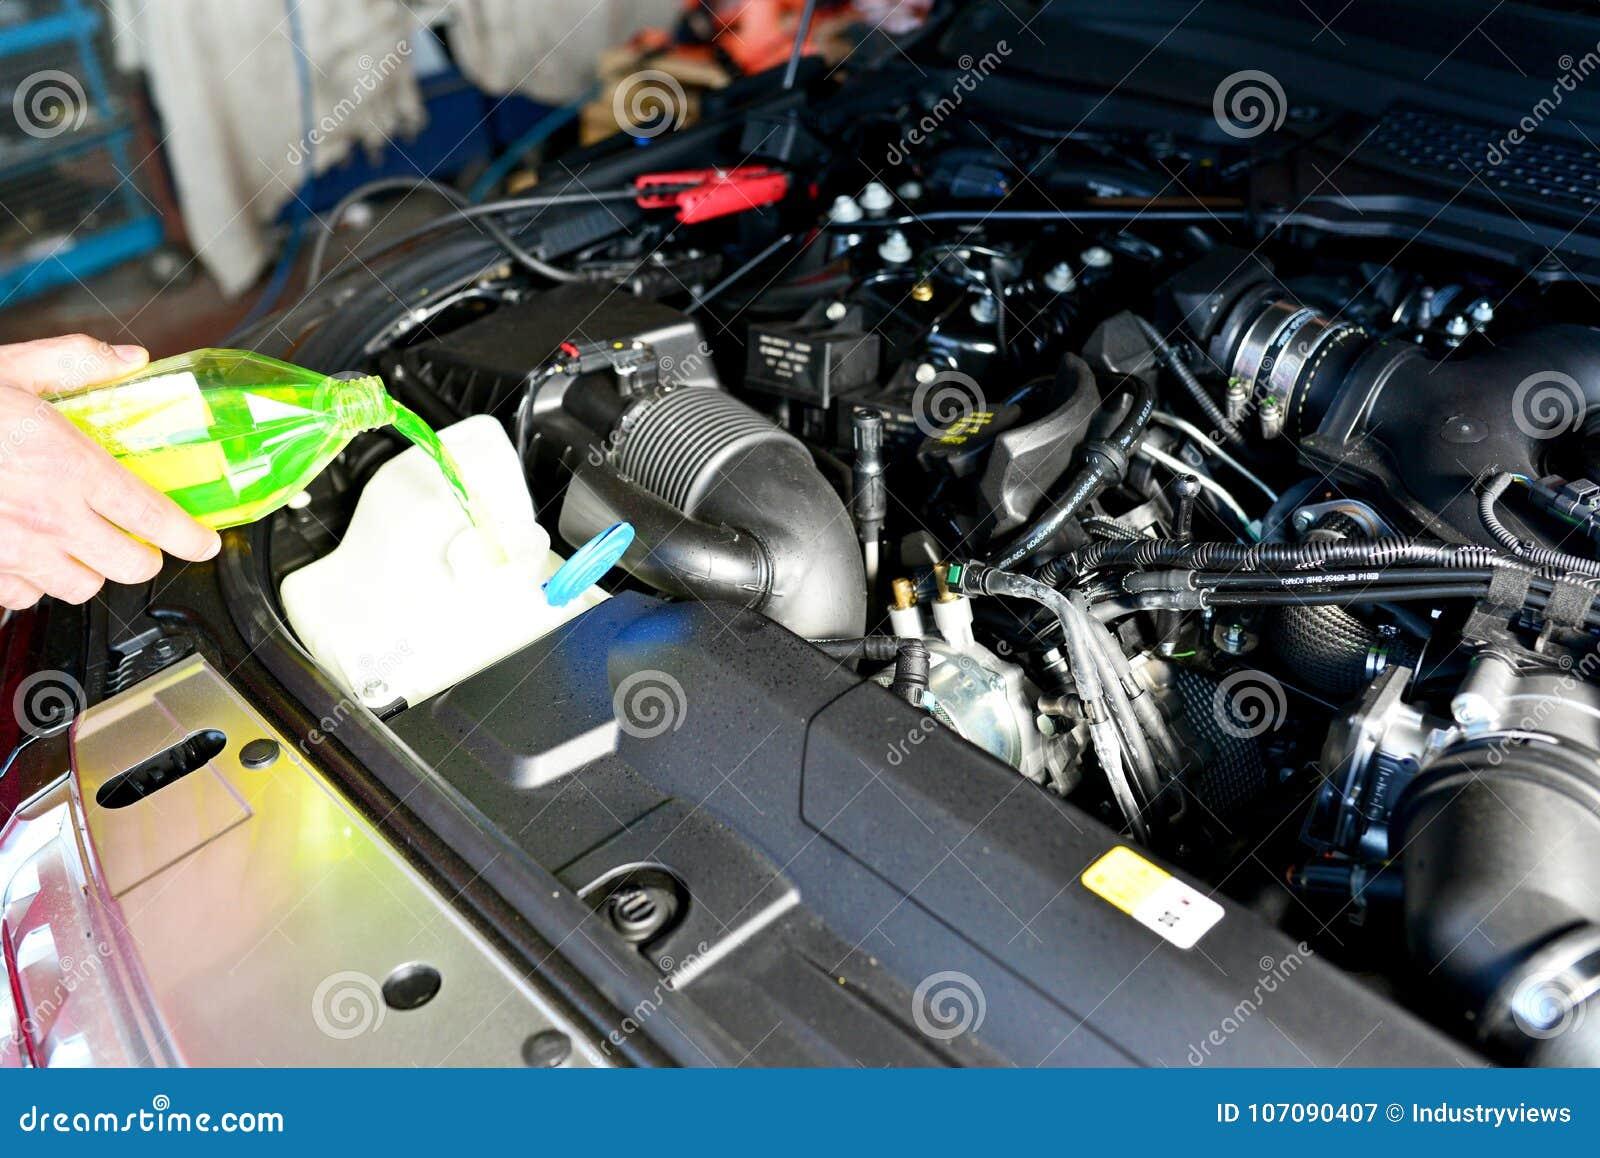 Μηχανικό ψυκτικό μέσο αλλαγών αυτοκινήτων στο όχημα